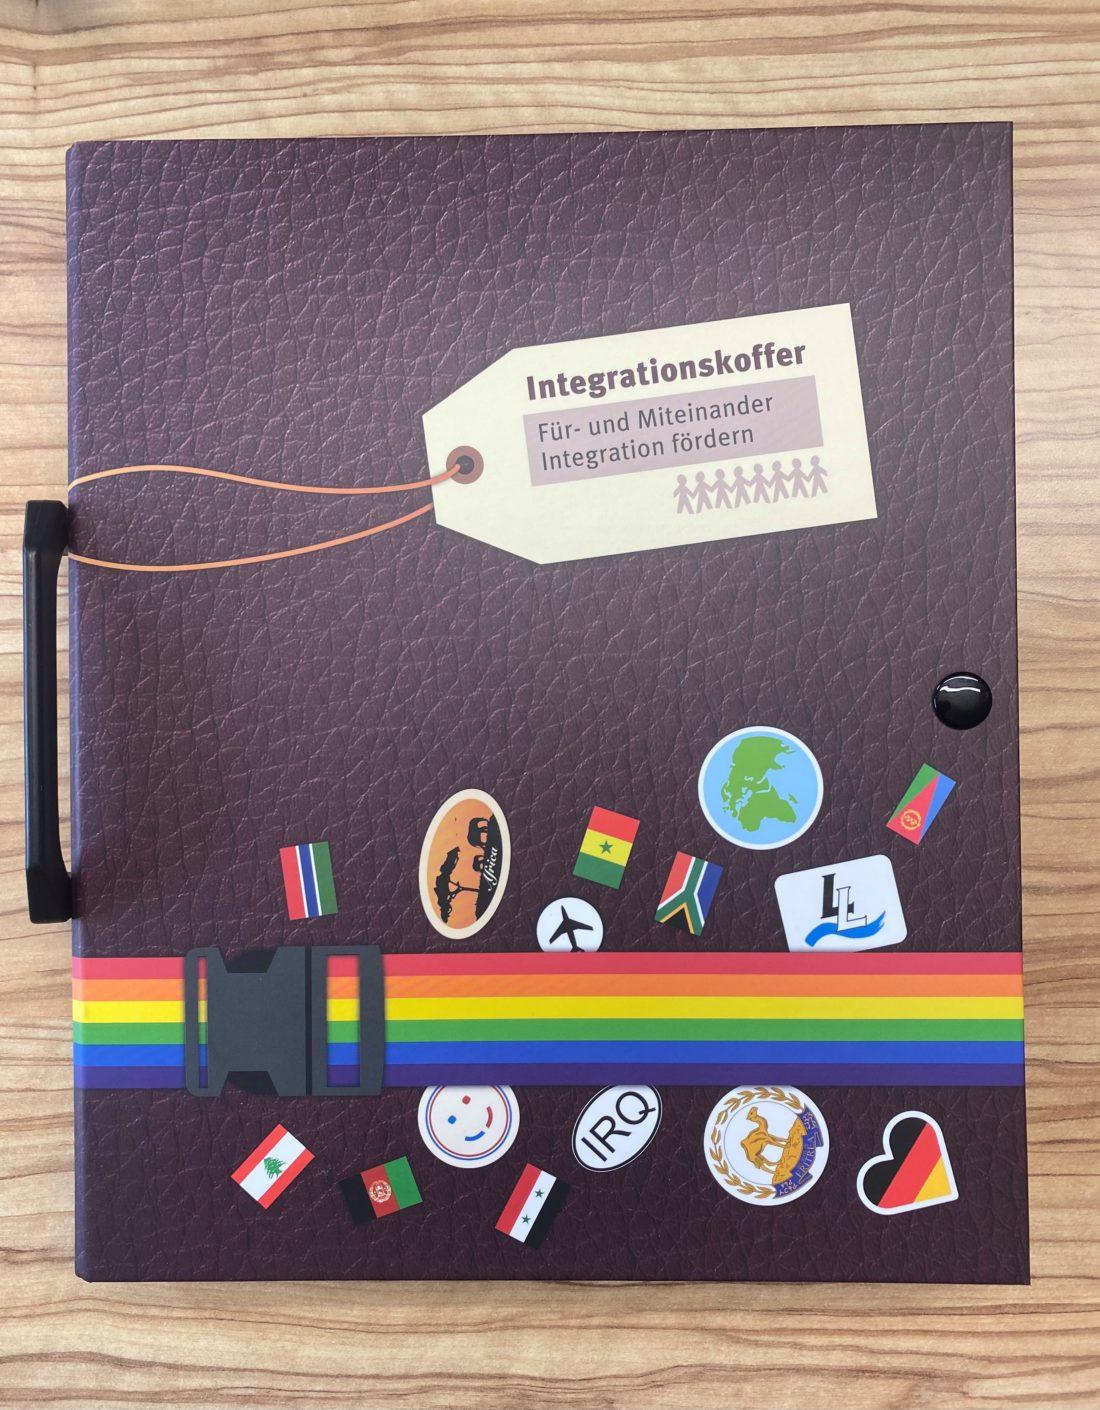 Integrationskoffer, der von der Gebäudereinigung Wasserle aus München verwendet wird